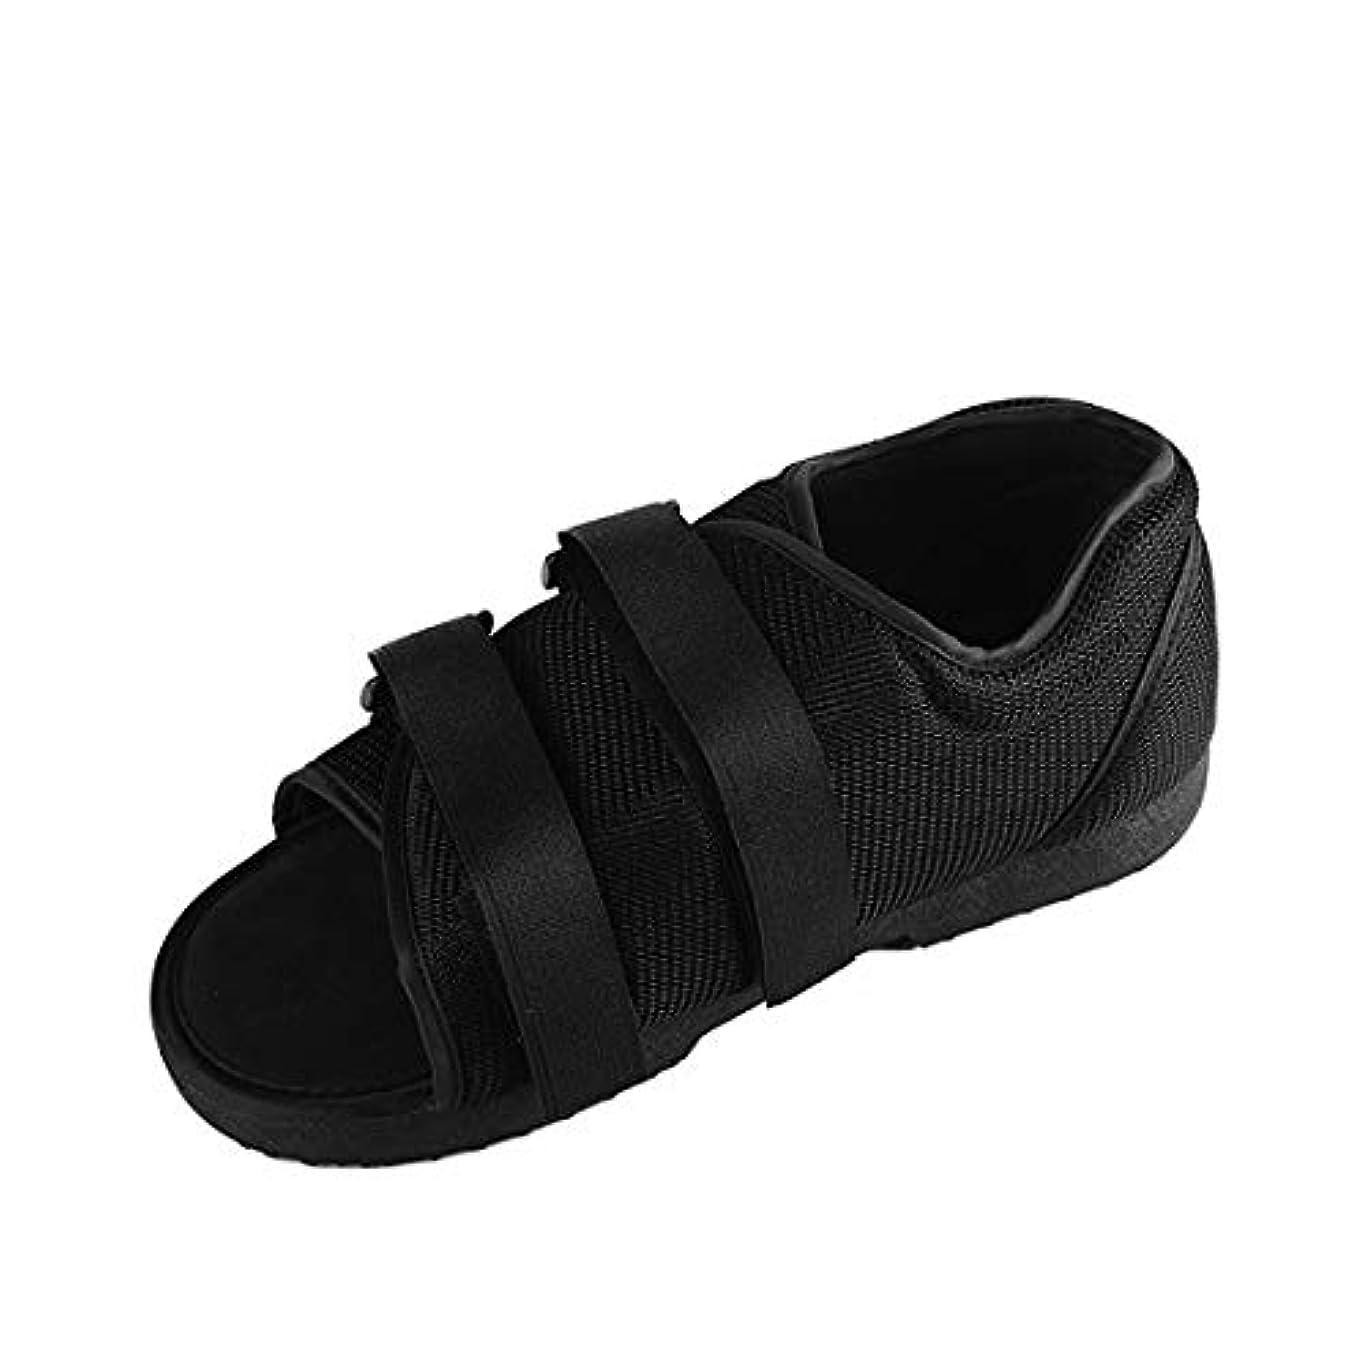 慣れているマントルバナー医療足骨折石膏の回復靴の手術後のつま先の靴を安定化骨折の靴を調整可能なファスナーで完全なカバー,WS23.5*9cm